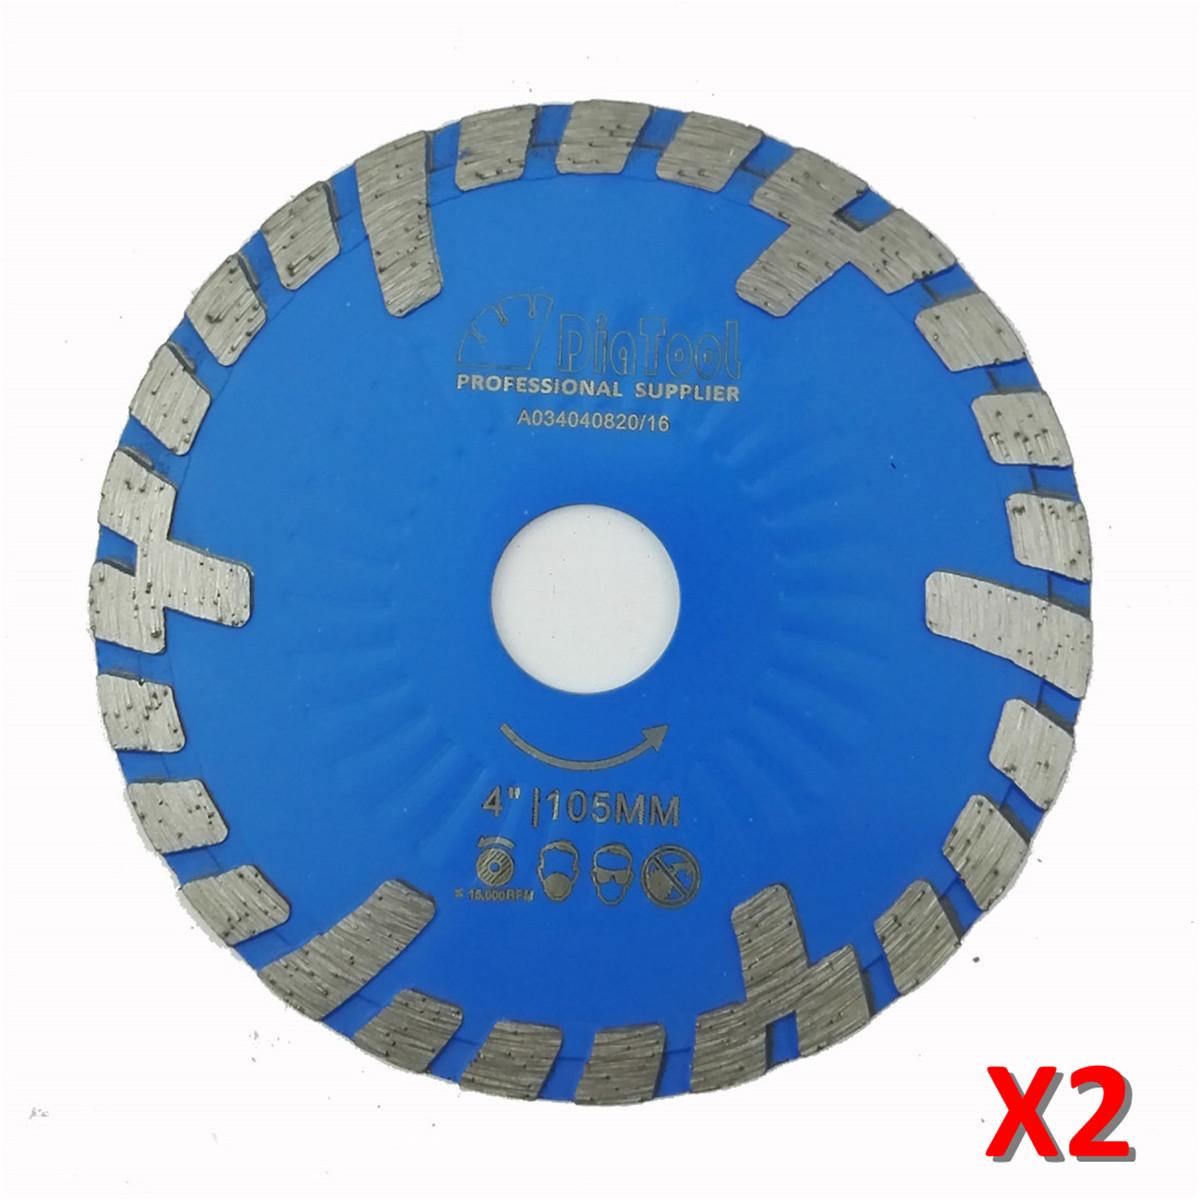 [해외]2pcs 돌 & amp;를105mm Hot 눌러 진 다이아몬드 터보 BladeSlant 보호이 4 & 다이아몬드 잎; 콘크리트 절단/2pcs 105mm Hot pressed Diamond turbo BladeSlant protection teeth